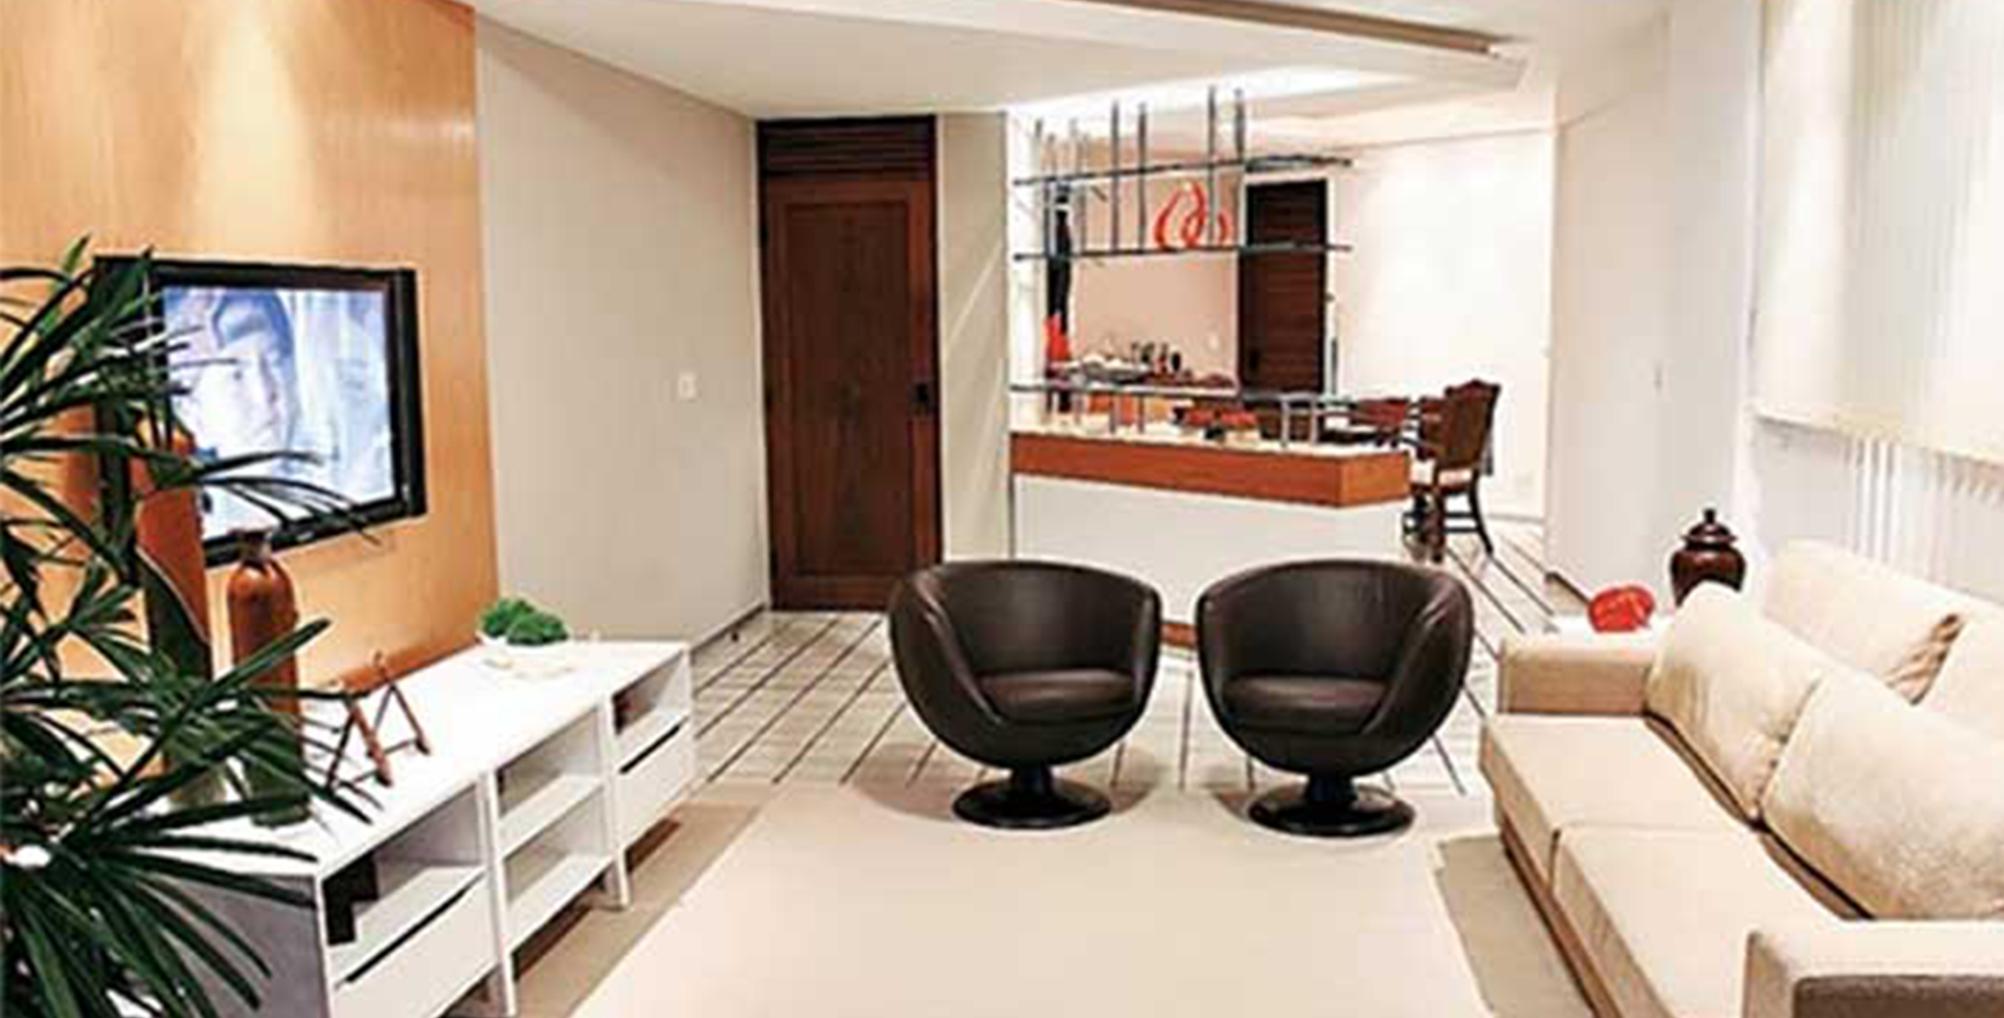 Apartamentos Pequenos Solu Es Para Compensar Falta De Espa O